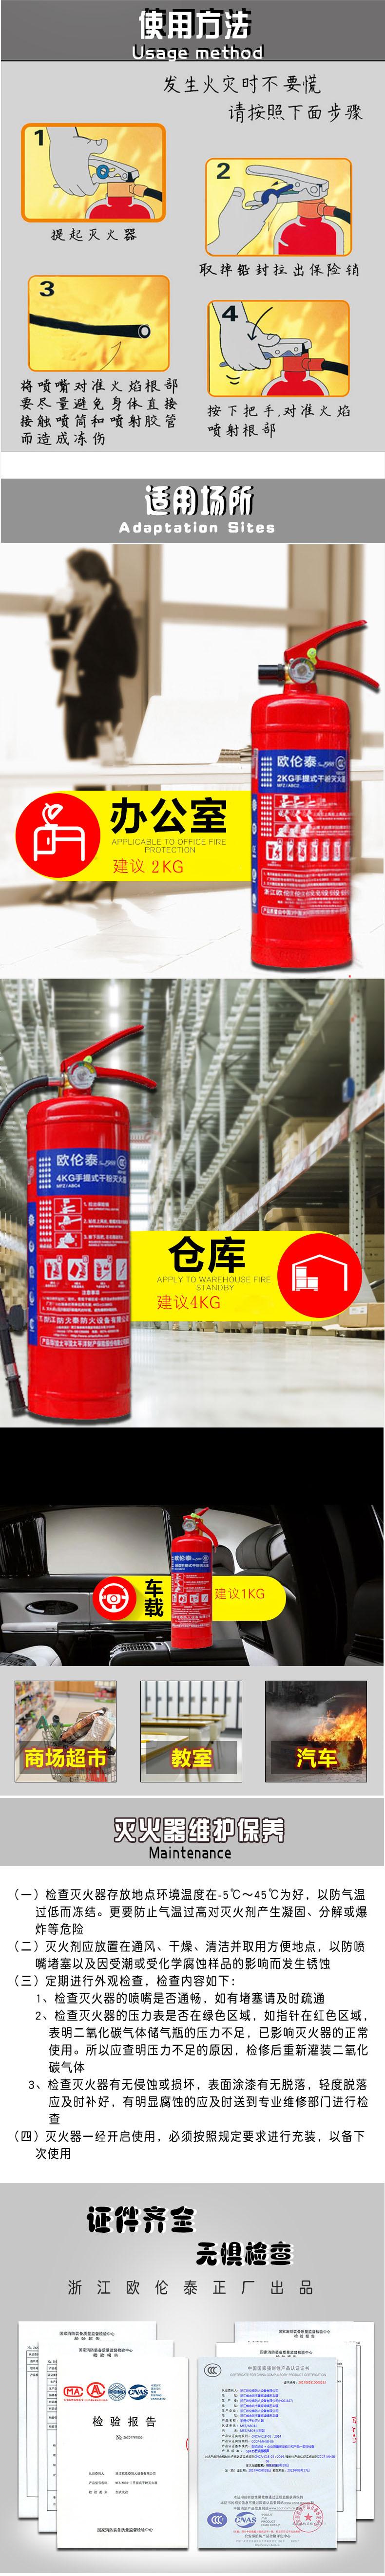 厂家直销 欧伦泰手提式干粉灭火器1-8kgABC 干粉灭火器批发示例图2